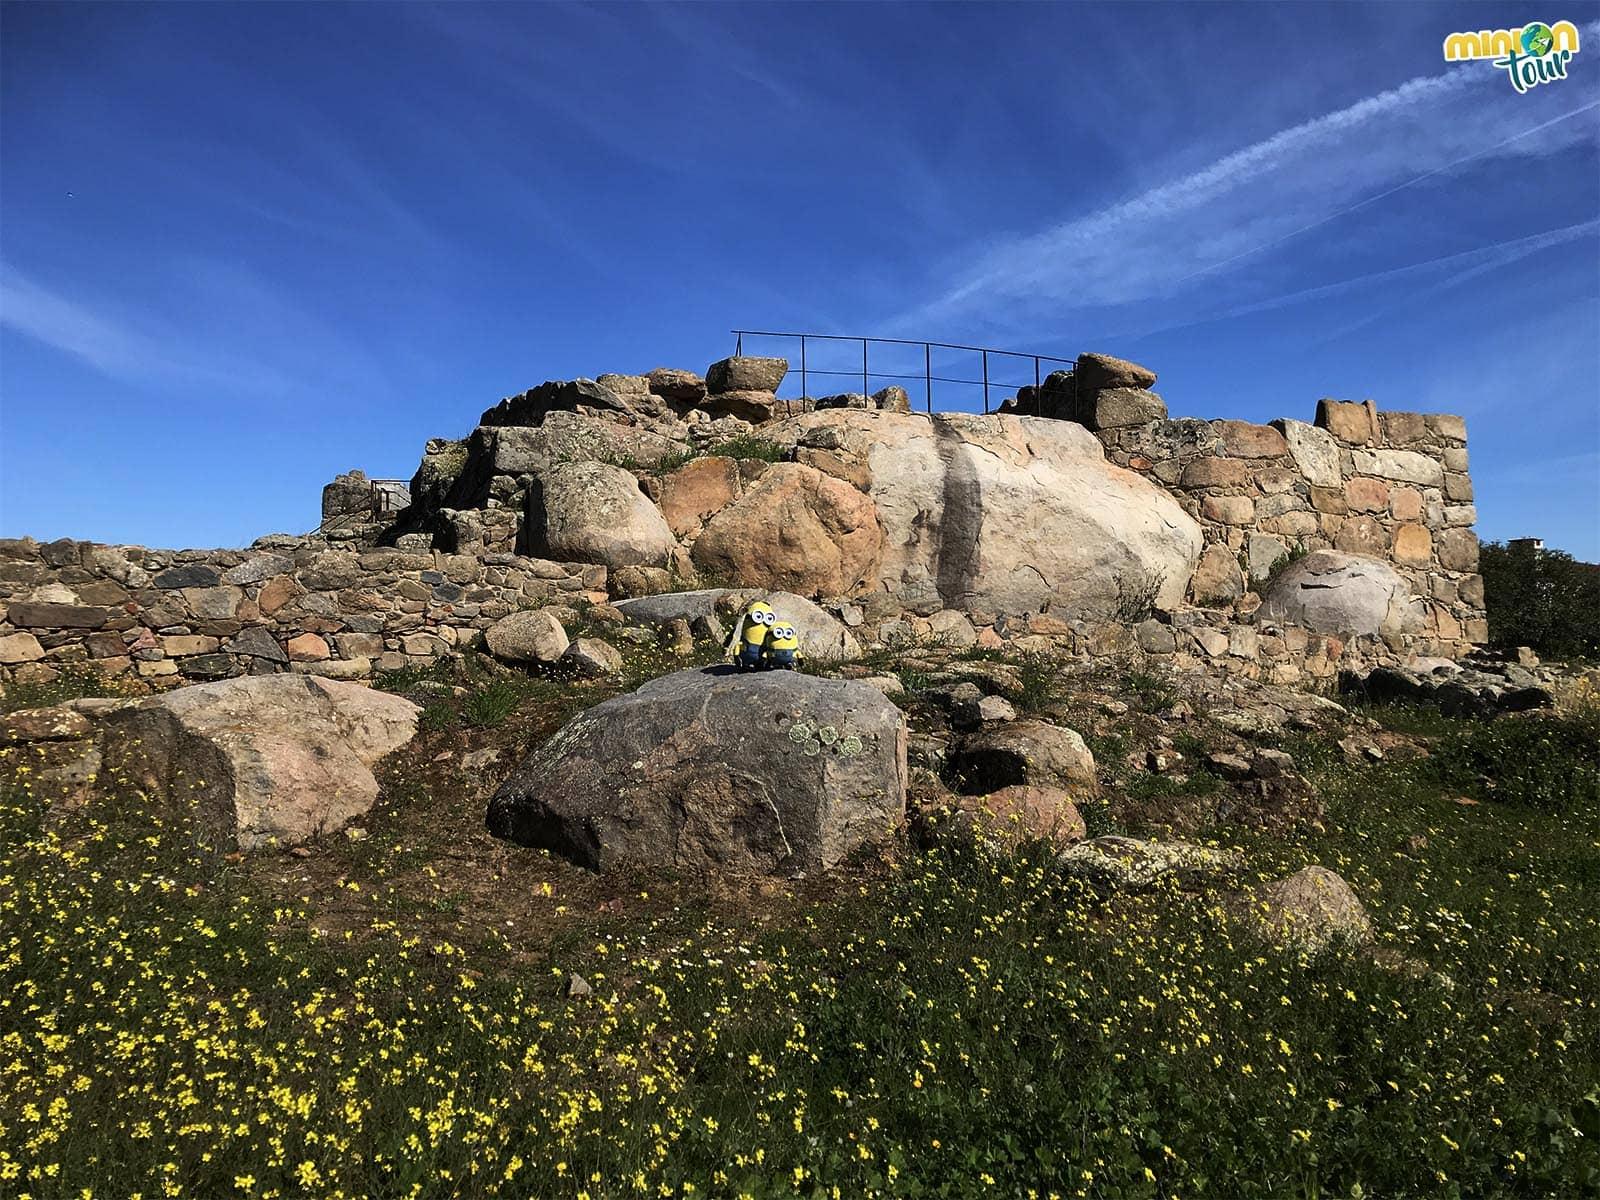 El Yacimiento Arqueológico de Hijovejo, una grata sorpresa en La Serena